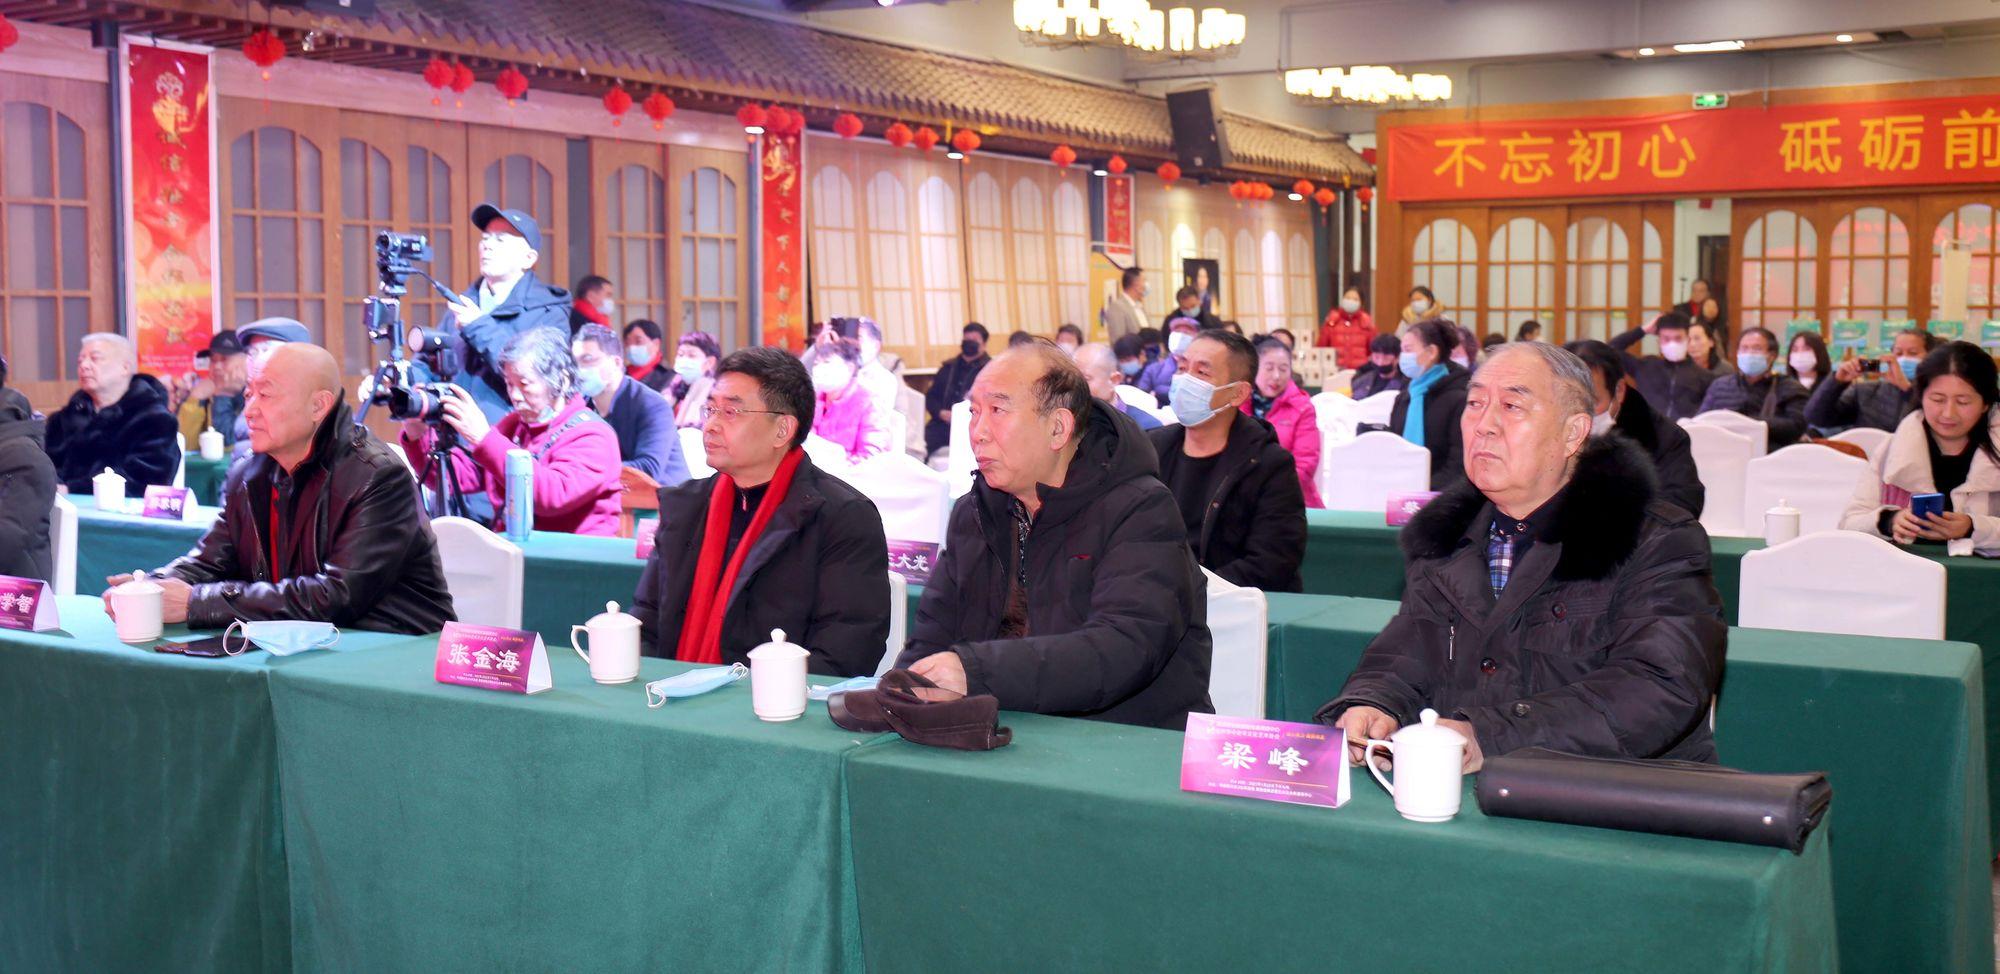 2021郑州中老年文艺协会年会暨防病抗议健康论坛圆满成